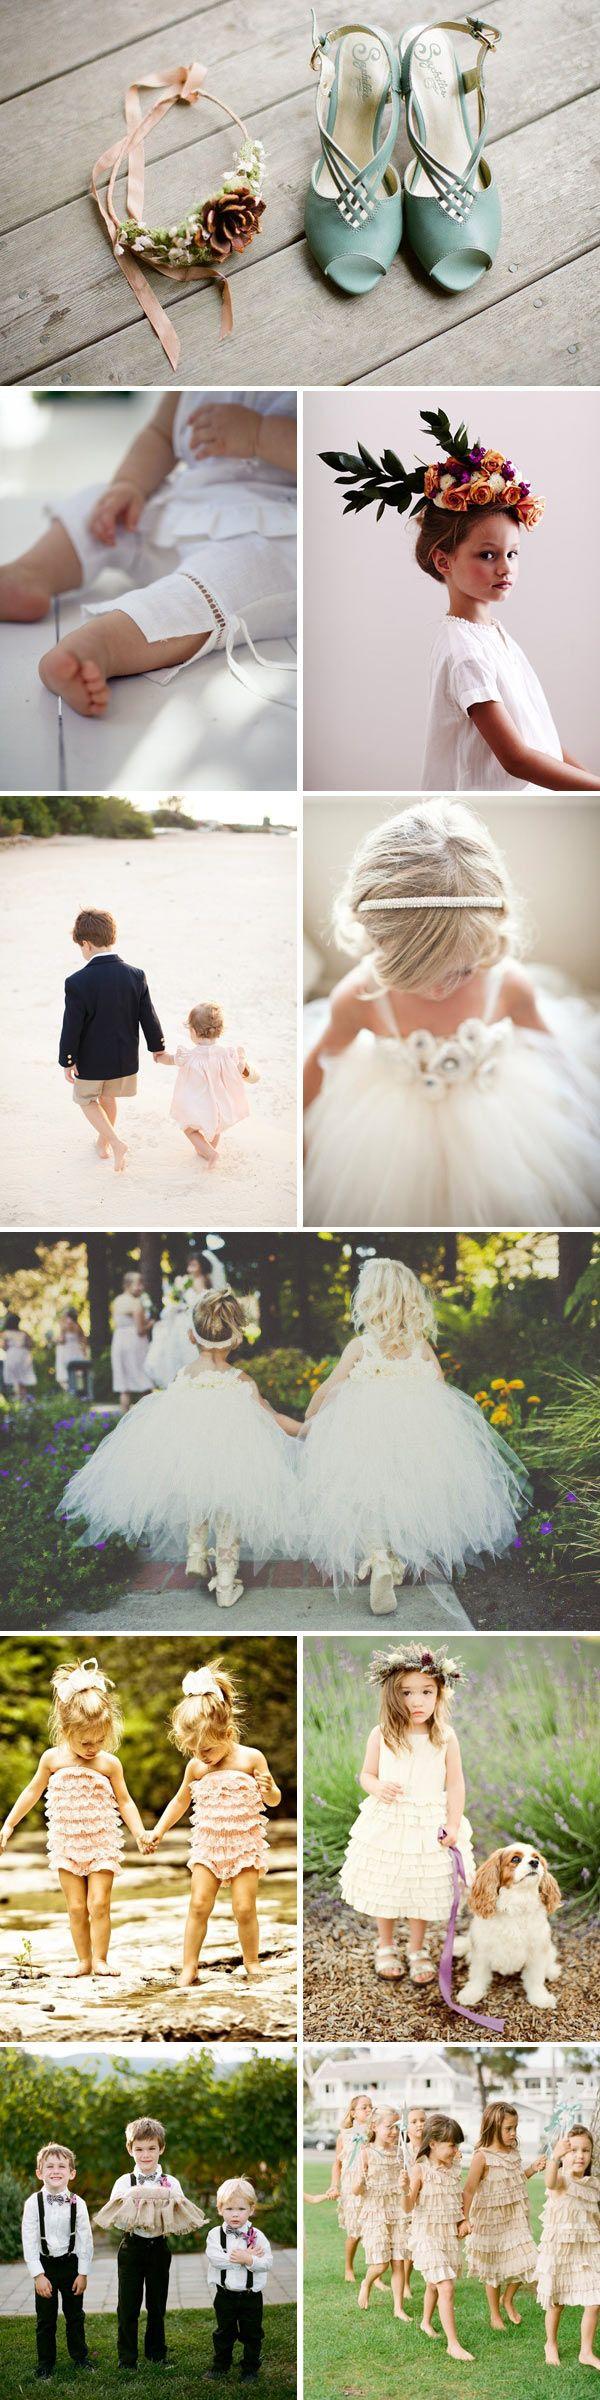 14 best Flower Children images on Pinterest | Bridesmaids, Children ...